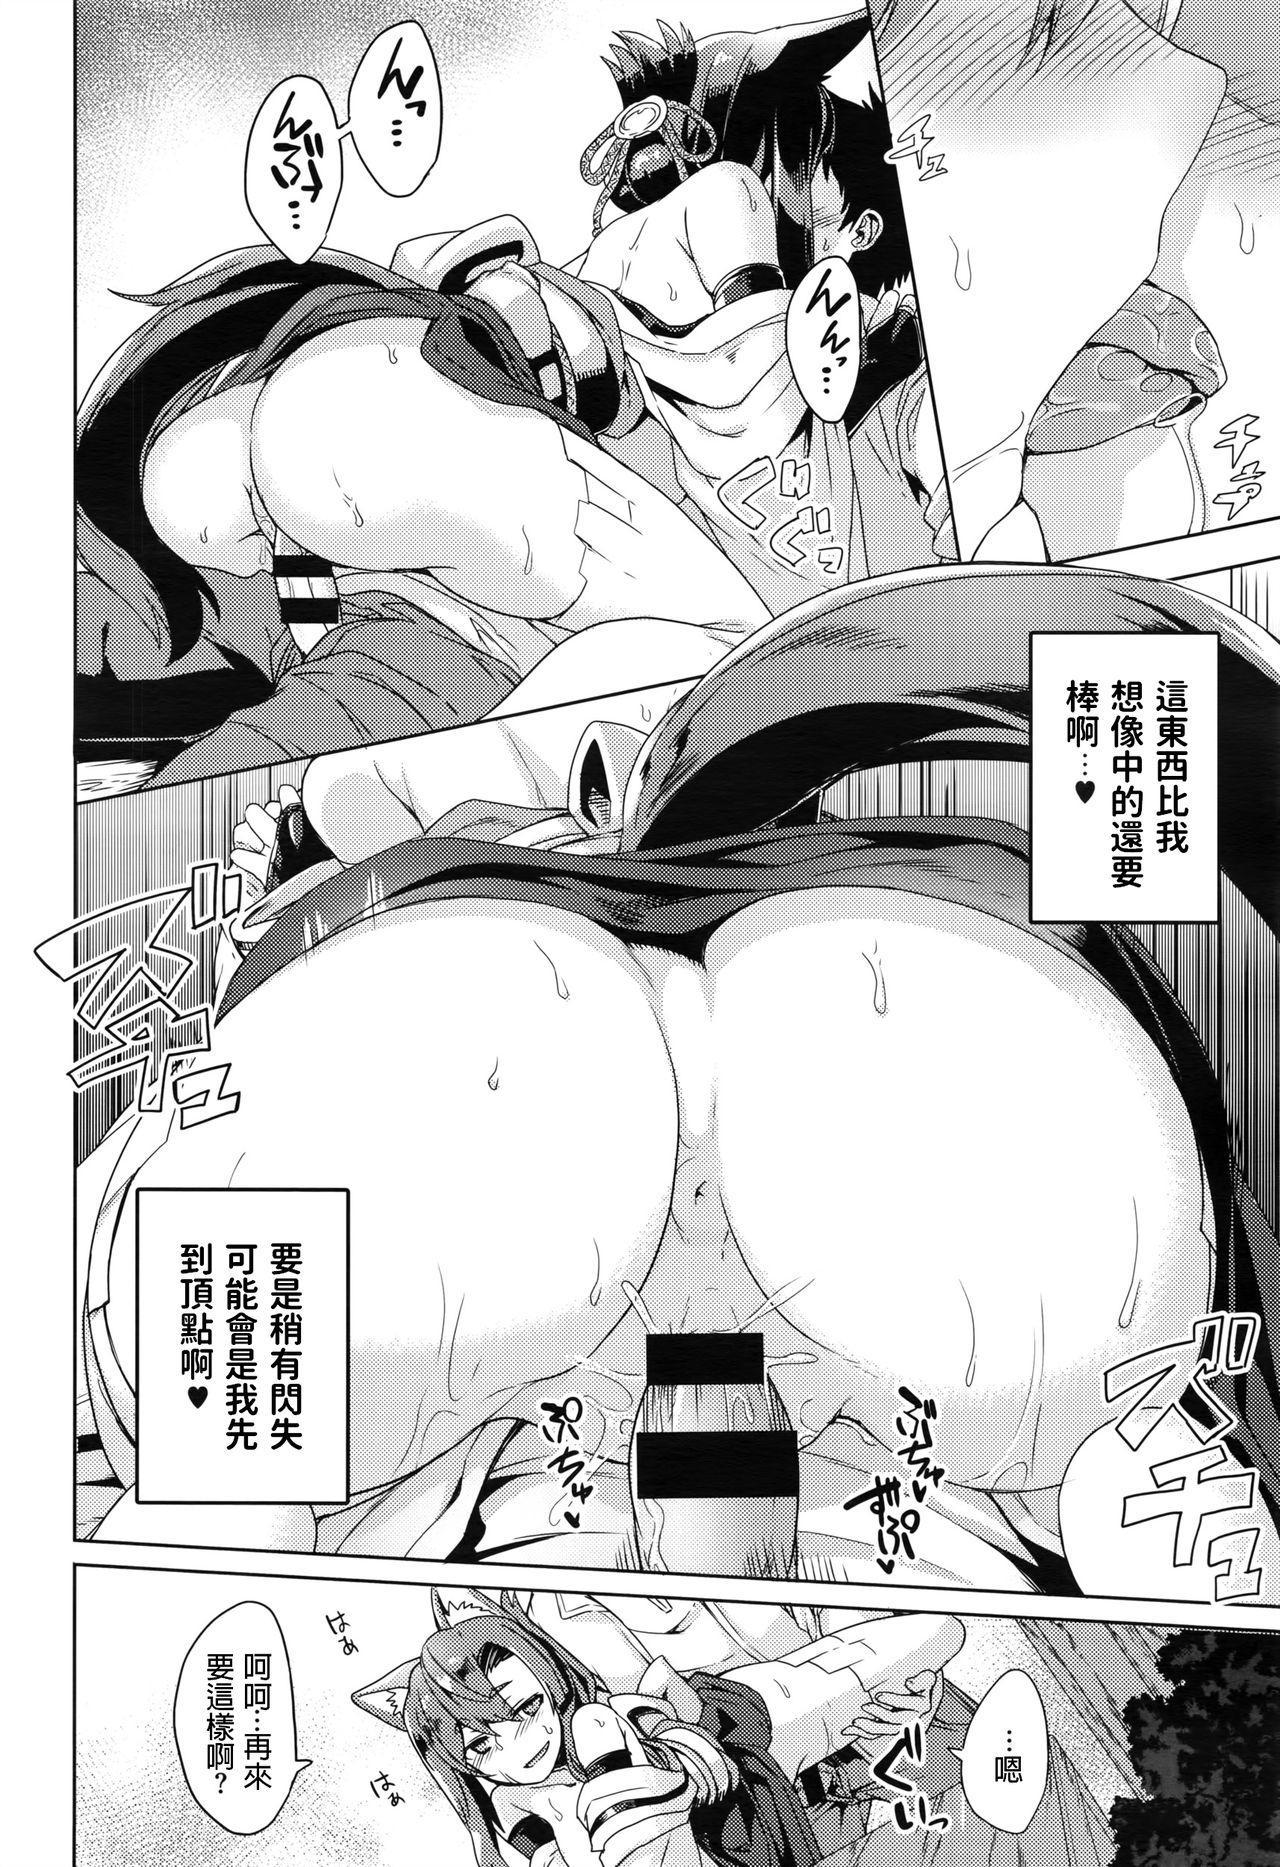 Inugami-sama no Onegai 17